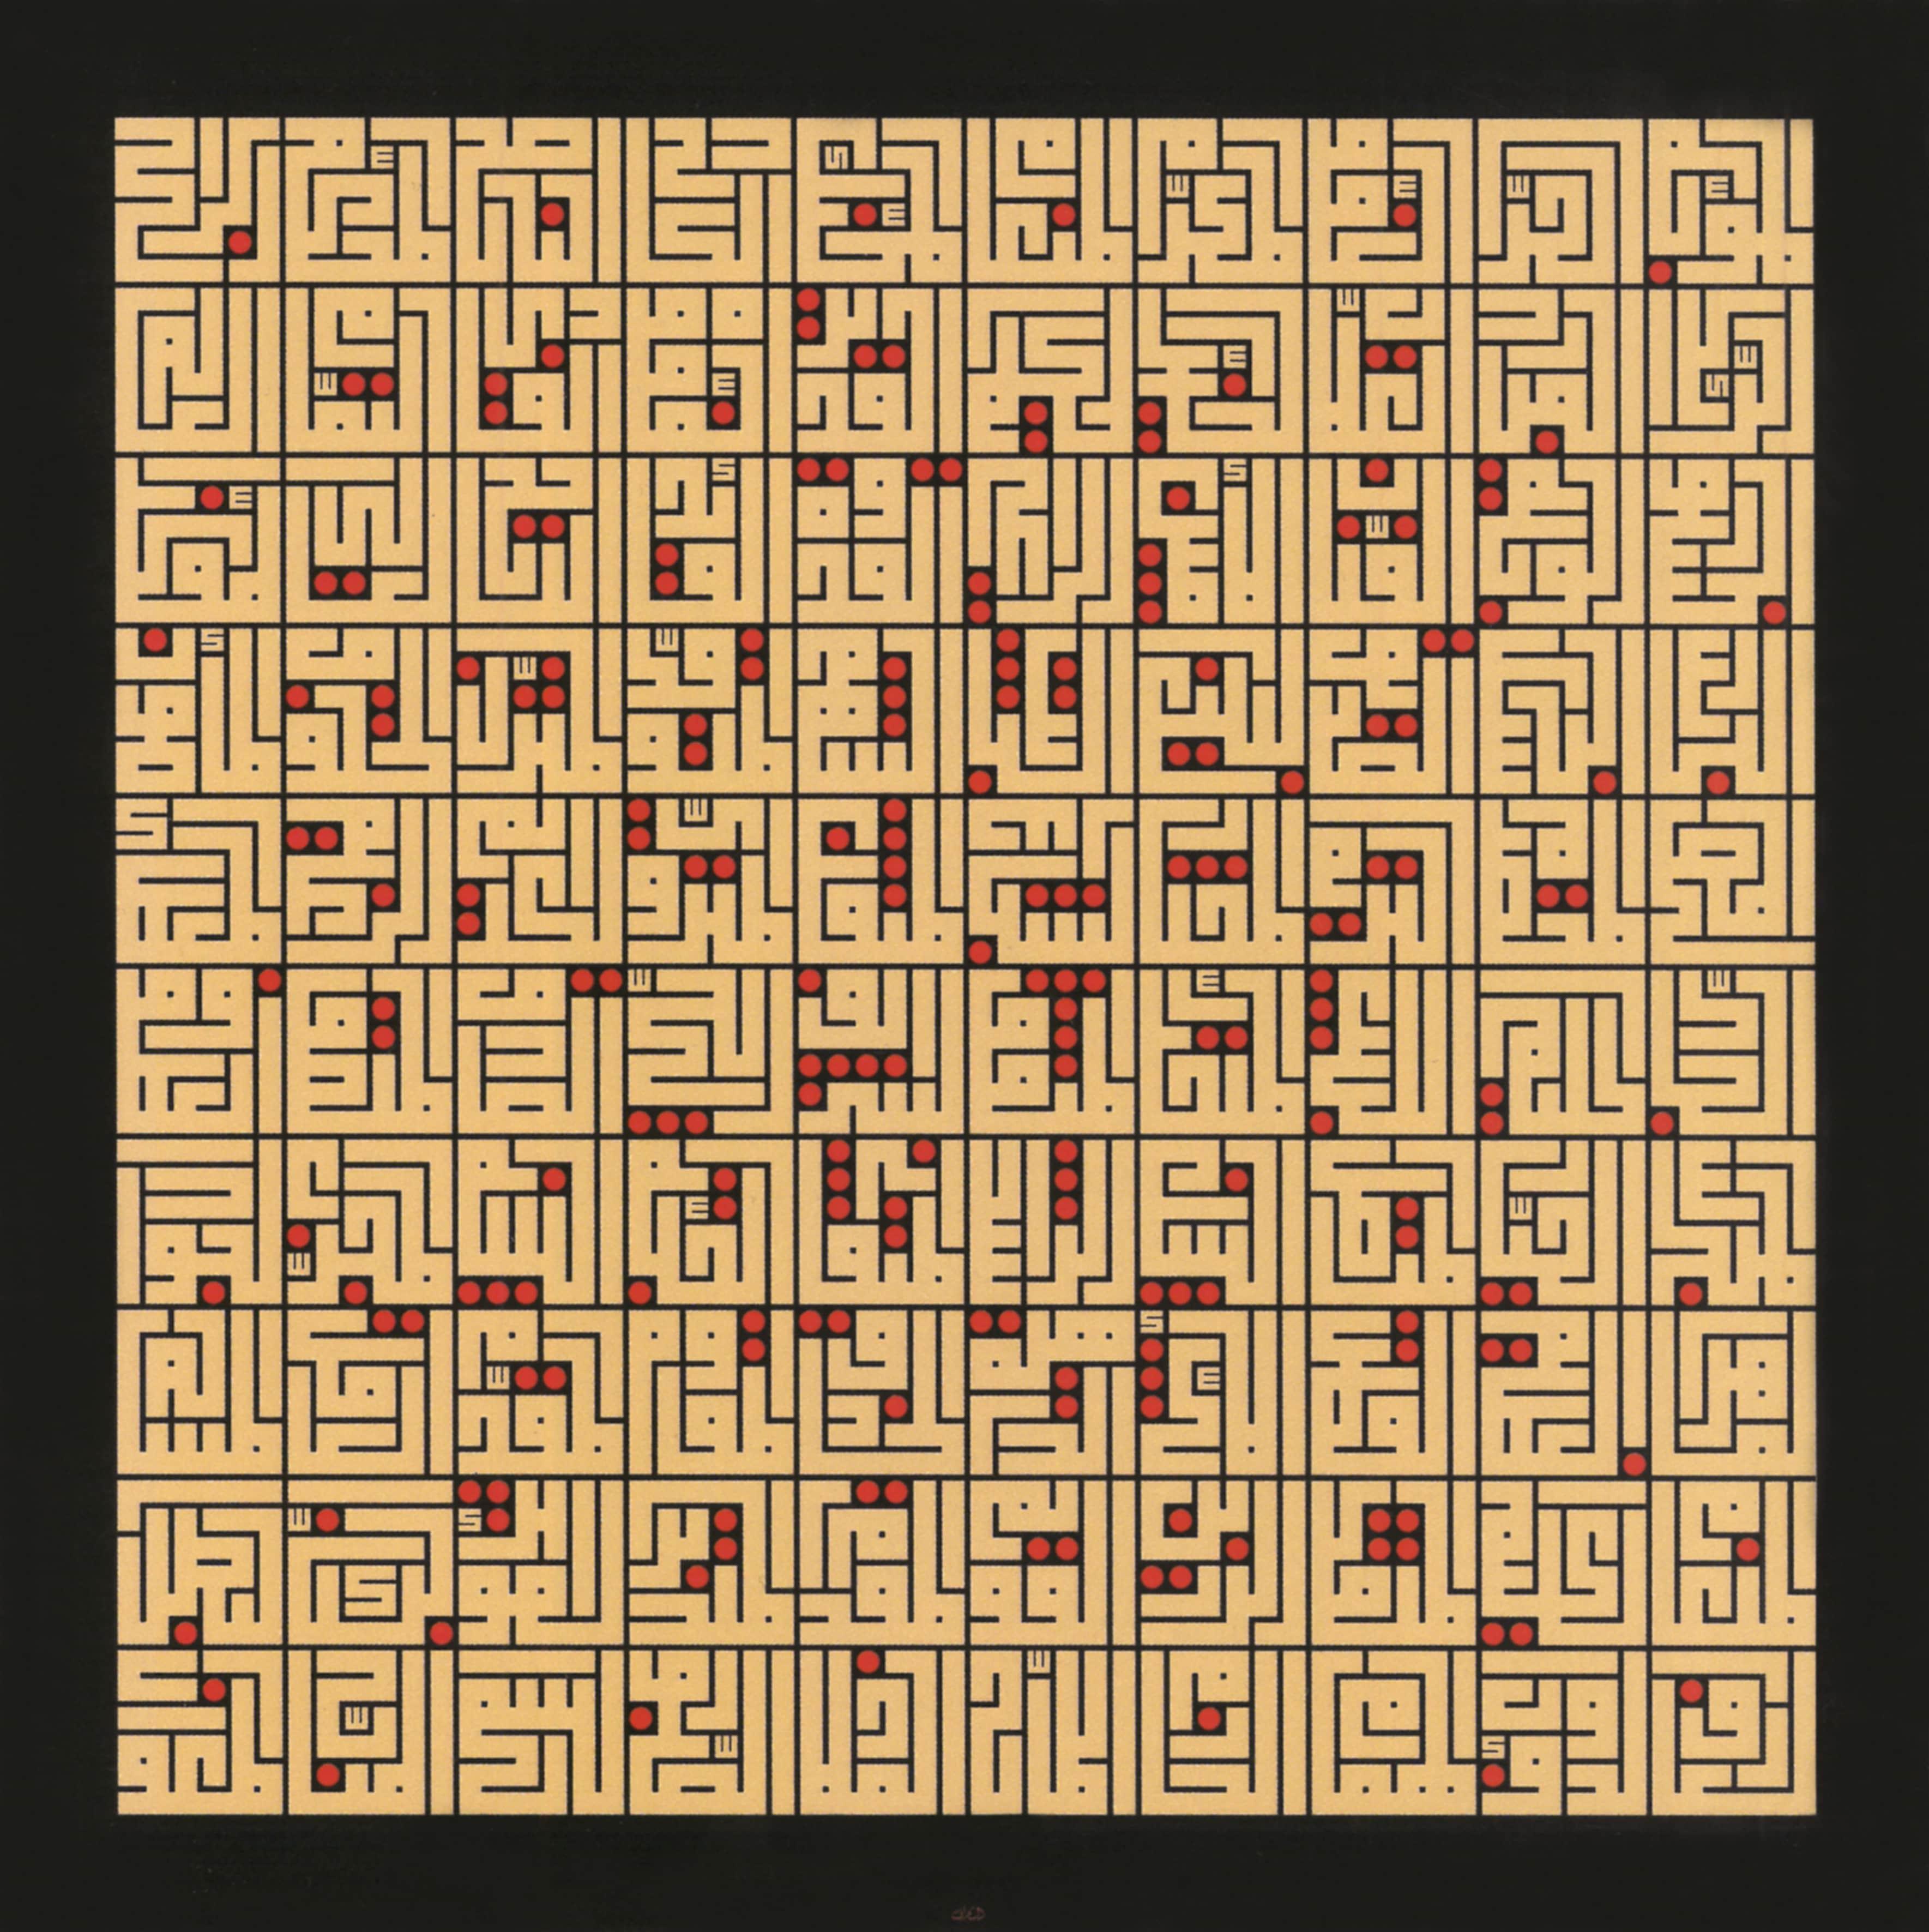 Mounir al-Shaarani, Of Men's Attributes, 2011, Gouache auf Papier (Leihgabe des Künstlers an das Museum für Islamische Kunst – Staatliche Museen zu Berlin, © Staatliche Museen zu Berlin, Museum für Islamische Kunst)